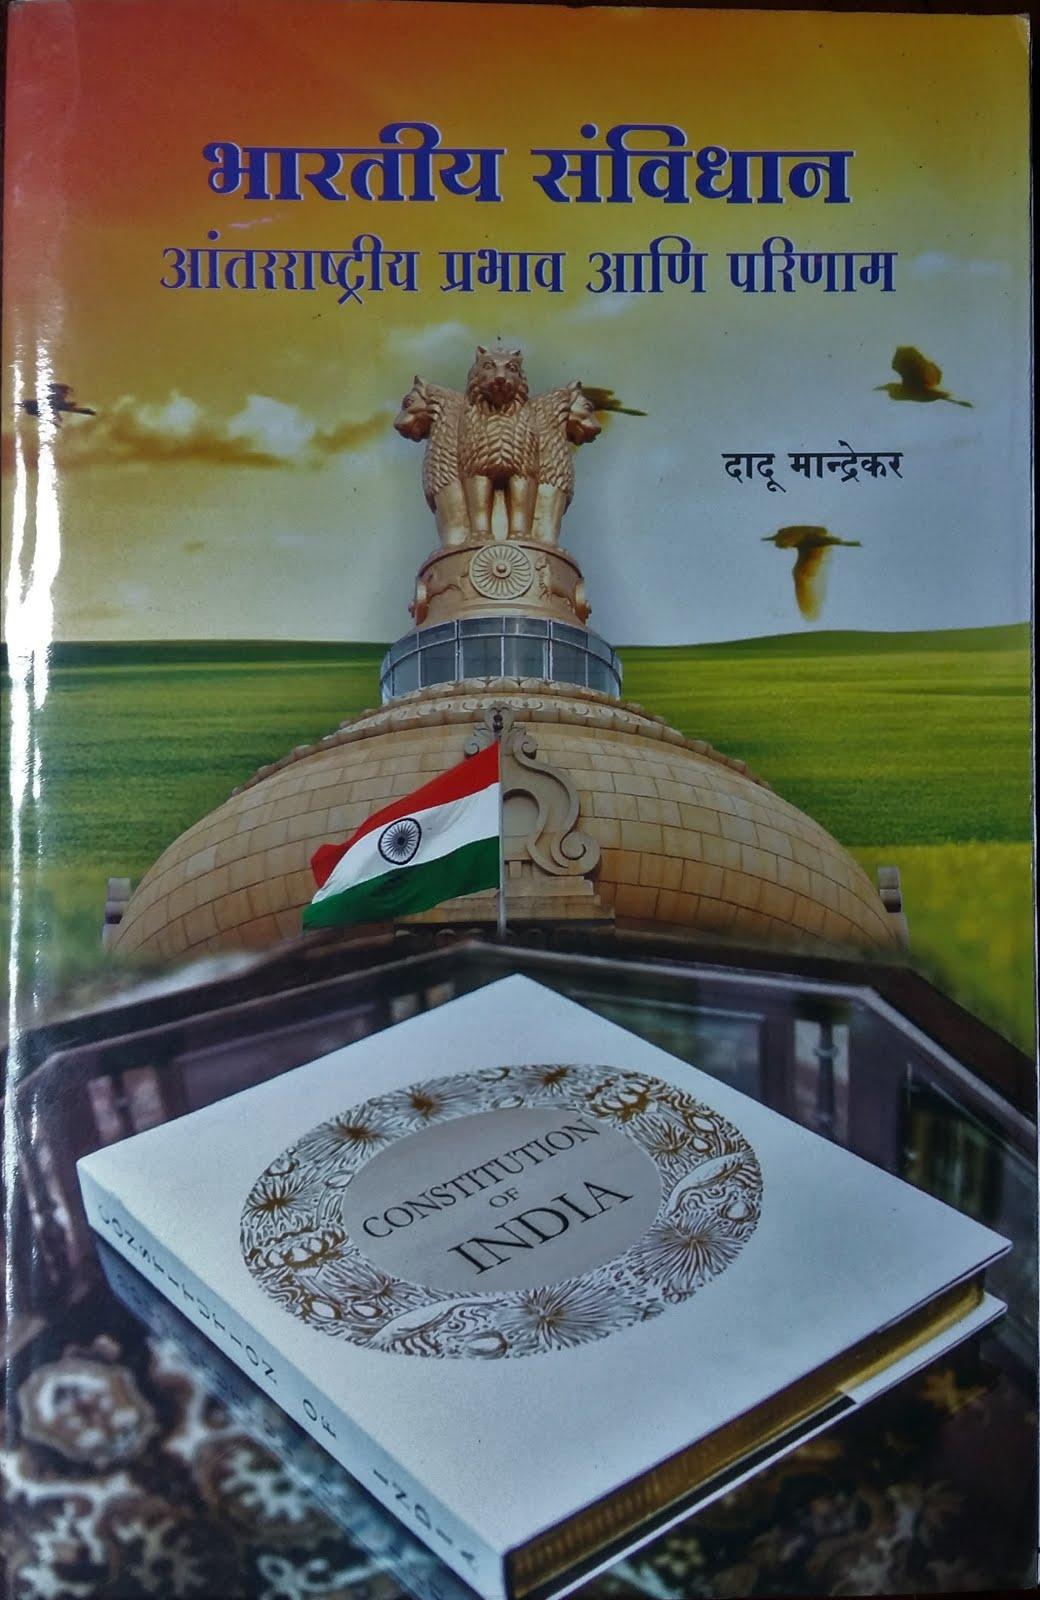 भारतीय संविधान :  आंतरराष्ट्रीय प्रभाव आणि परिणाम (लेखसंग्रह)